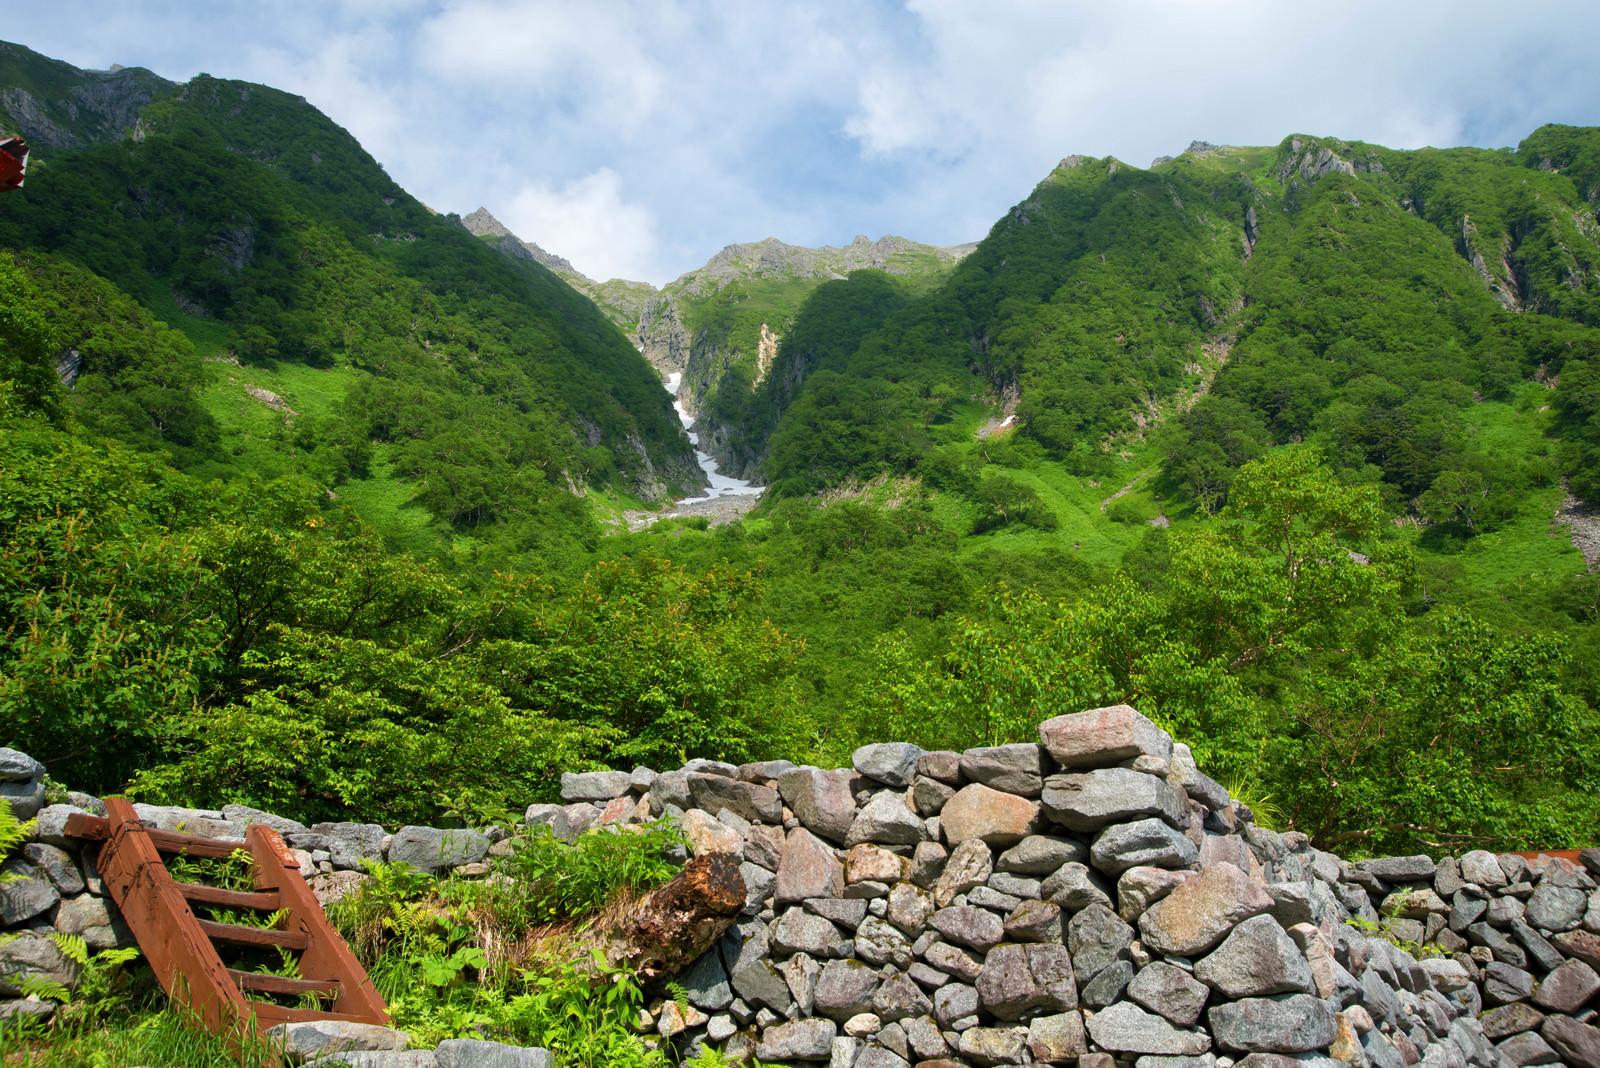 「岳沢山荘から見上げる新緑の吊尾根(上高地)」の写真